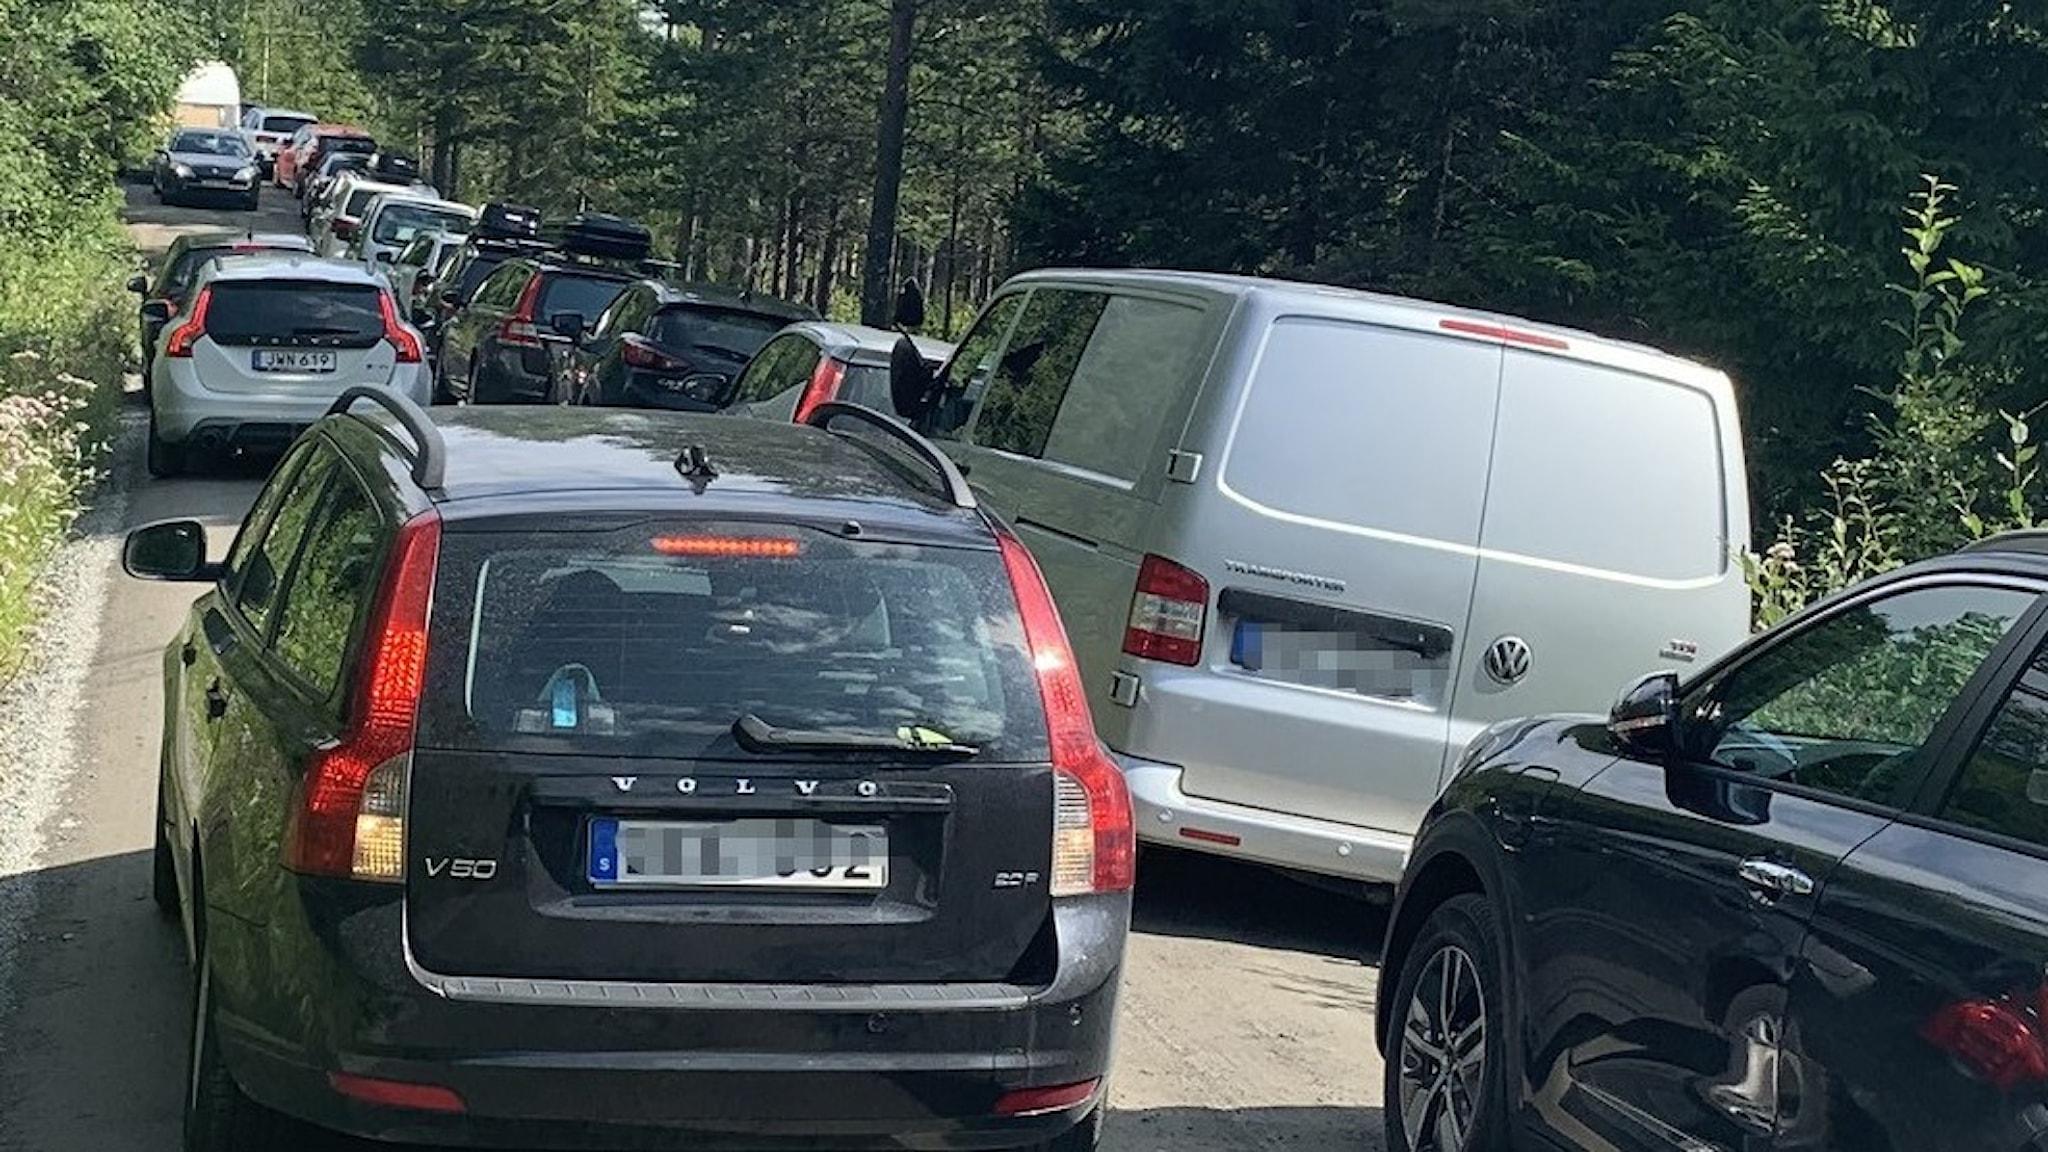 Flera bilar som parkerat trångt längs vägen.